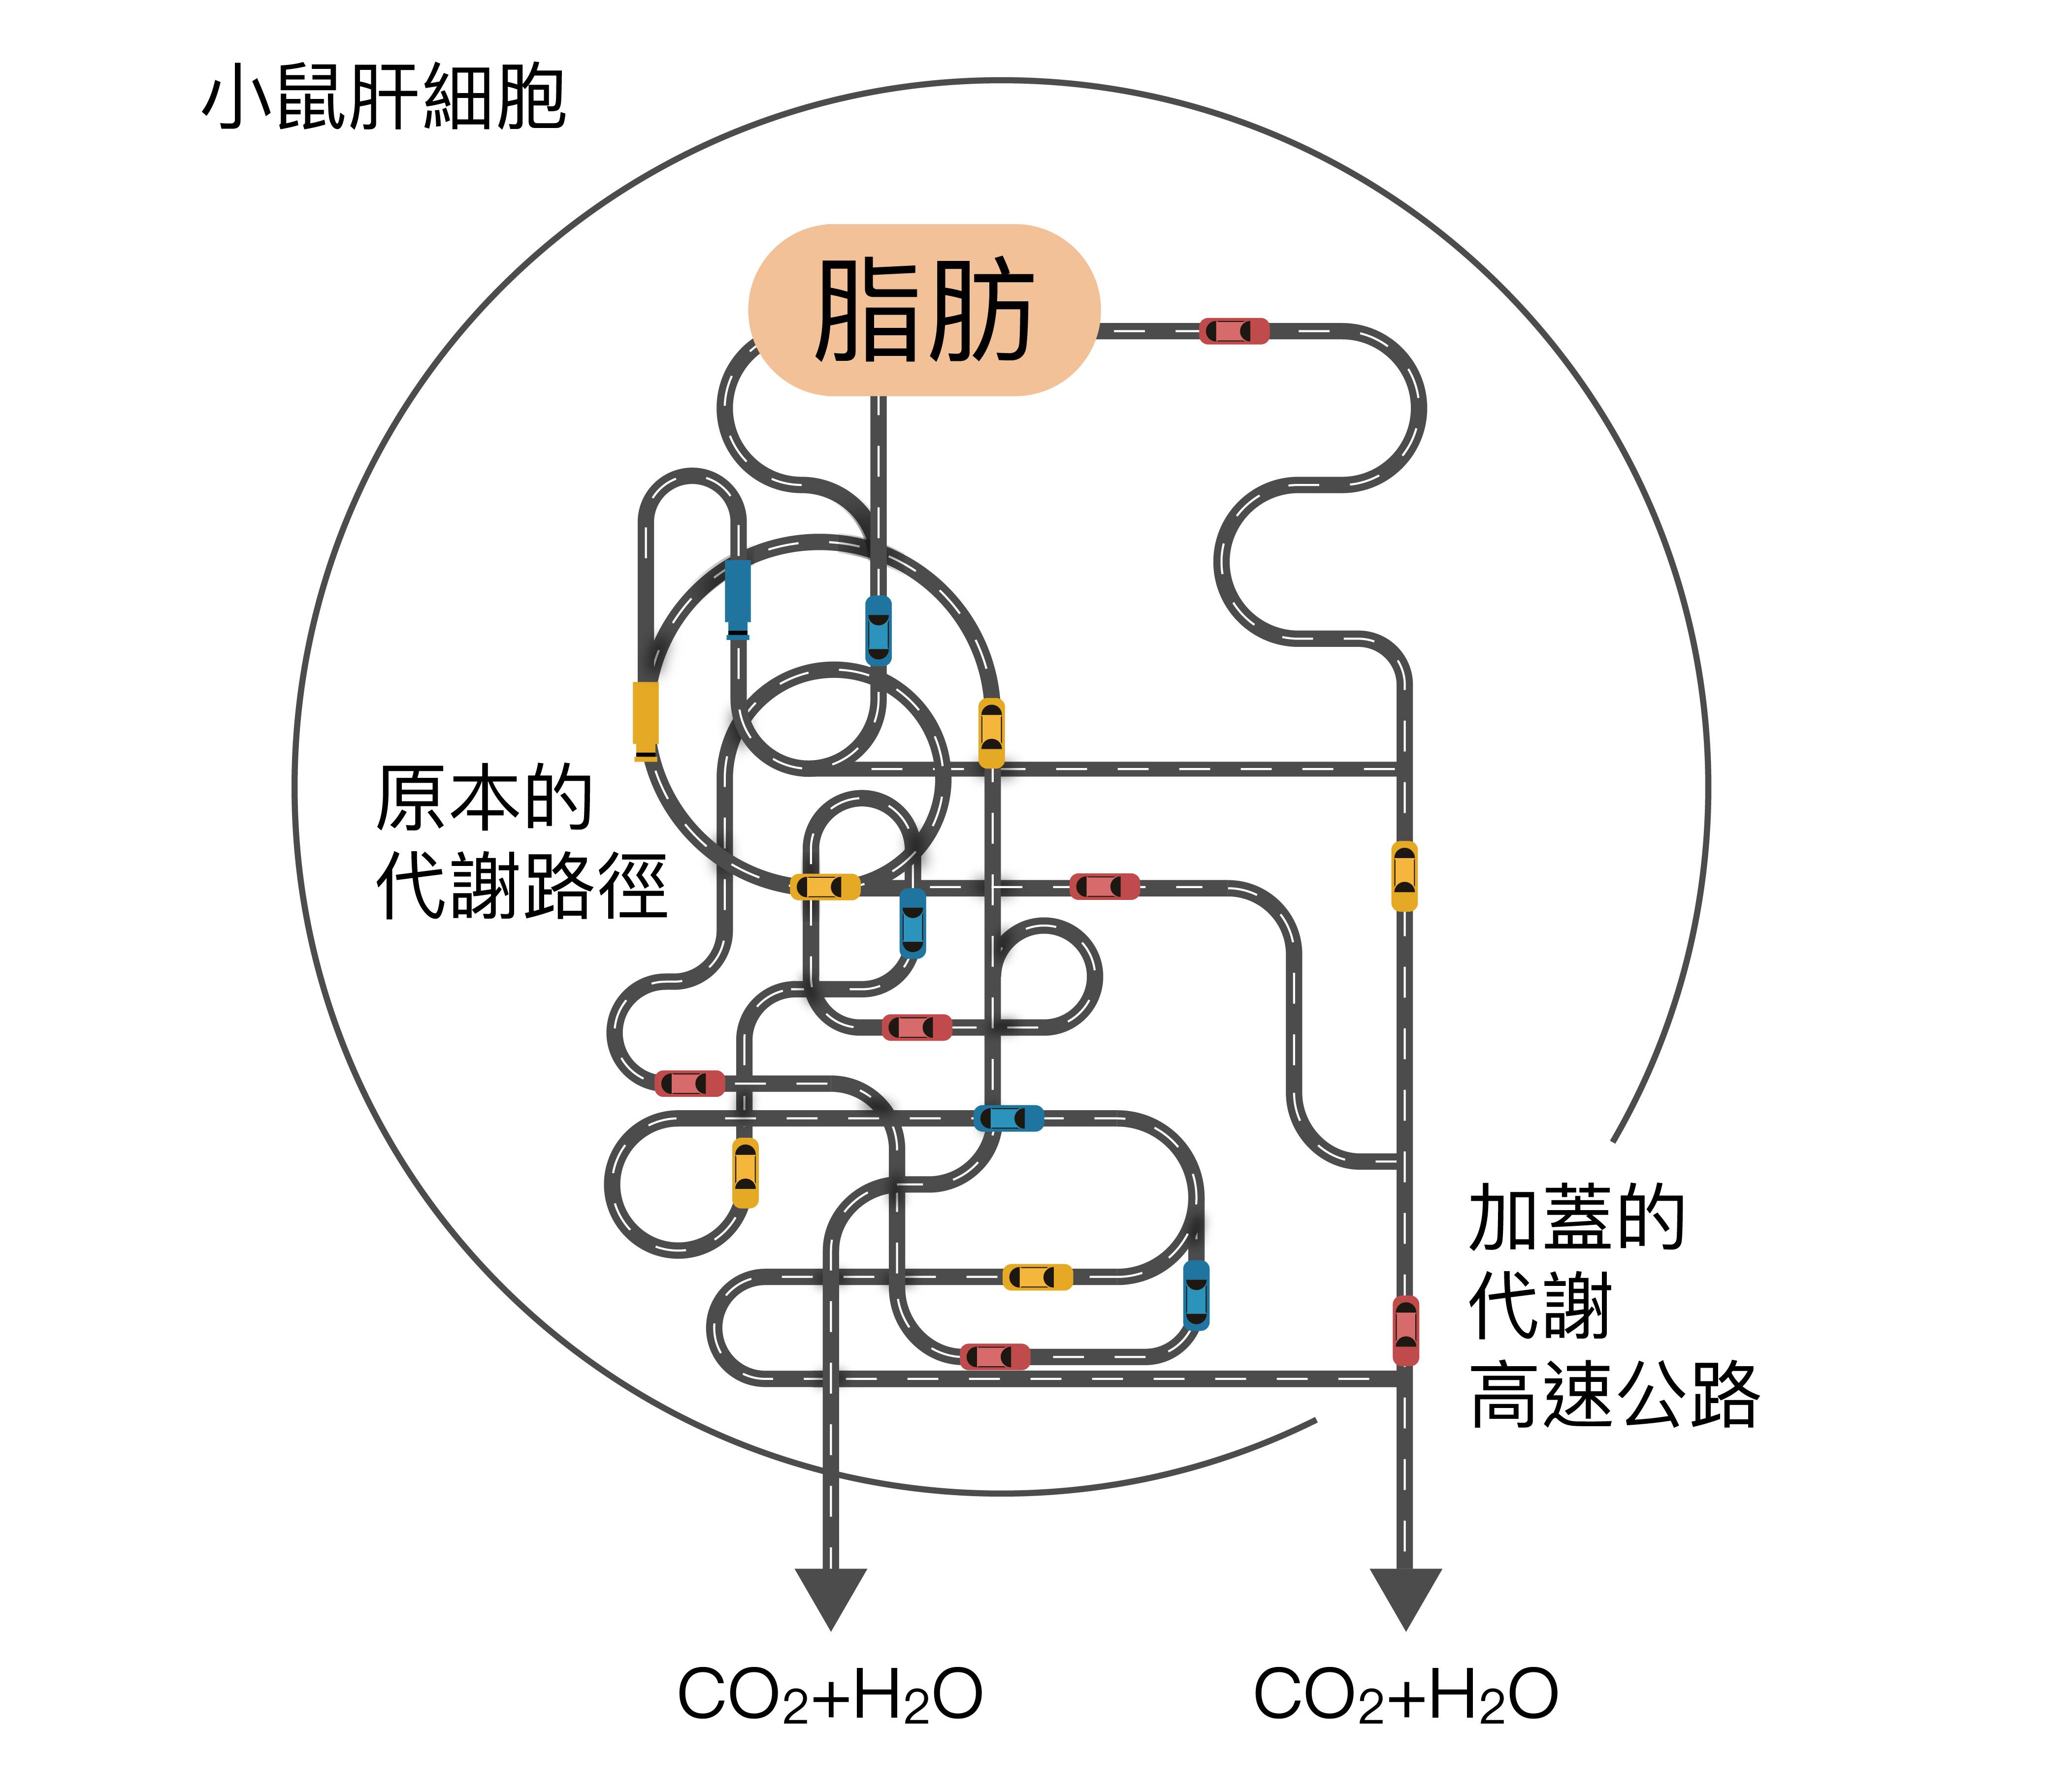 廖俊智與研究團隊加蓋的「高速公路」,由「酶」堆砌而成,用來幫助代謝脂肪。圖│研之有物 (資料來源│廖俊智)